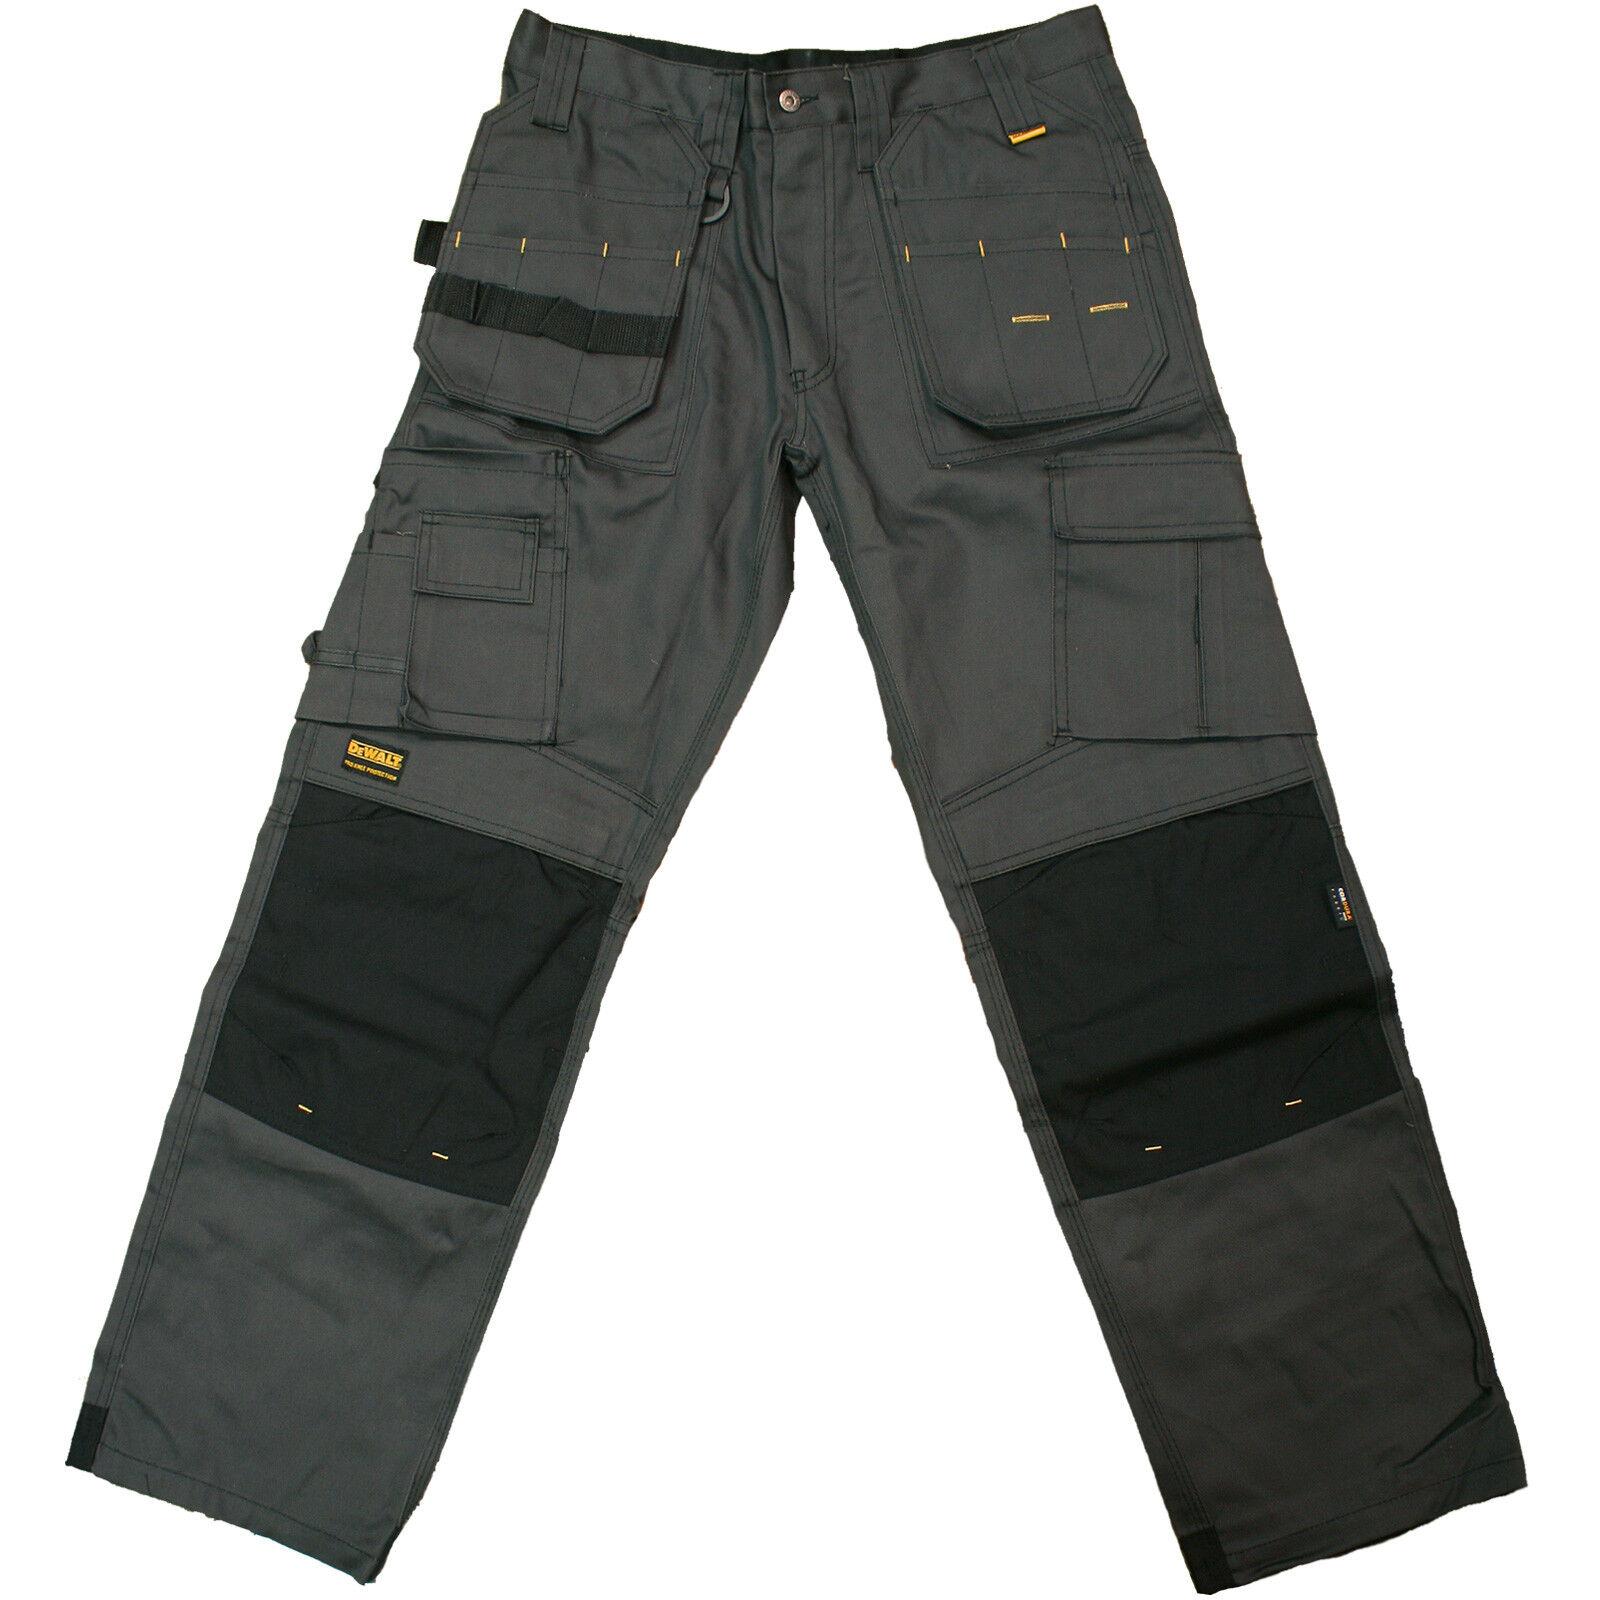 Dewalt pro Handwerker Arbeitshose Grau DWC26-014 Größe Größe 81.3-107cm Leg